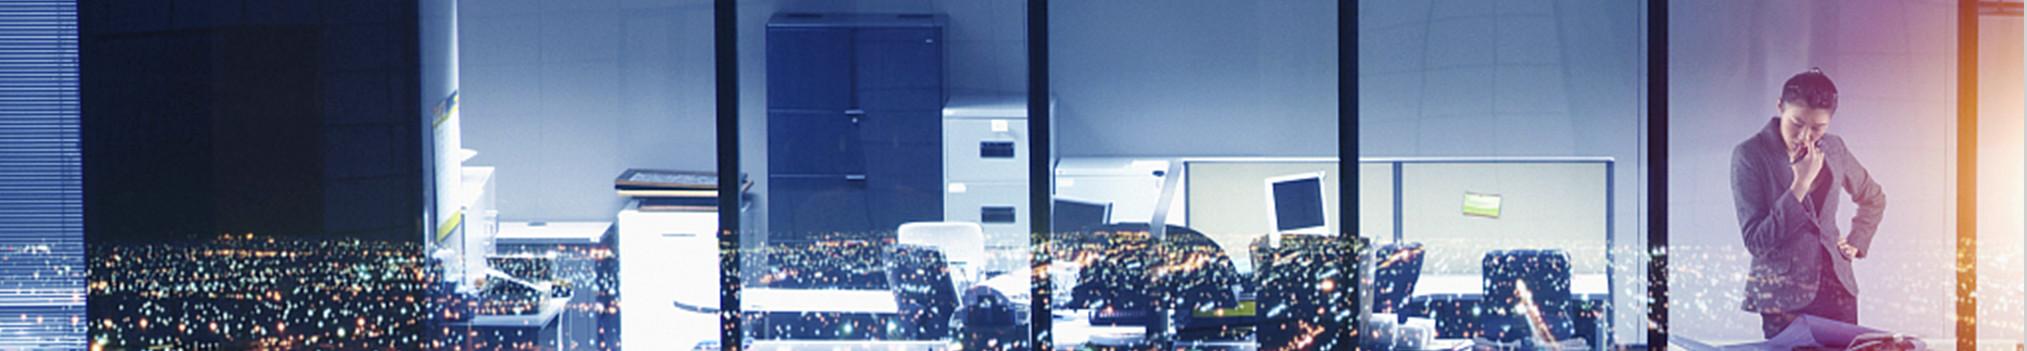 青岛差旅服务,企业差旅管理,差旅管理,差旅管理公司,出差管理,差旅软件,差旅服务公司,企业差旅服务,机票月结,差旅服务,商旅服务,企业出差,差旅公司,差旅管家 ,企业机票月结,商旅系统,企业差旅系统